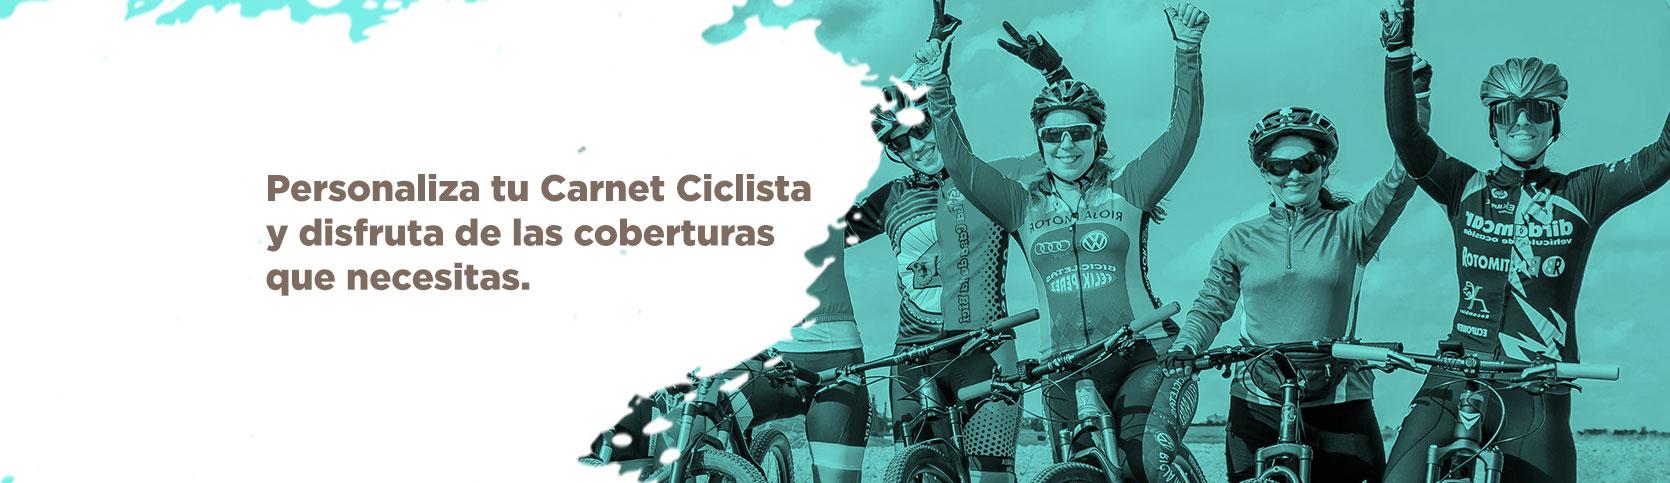 Personaliza tu Carnet Ciclista.